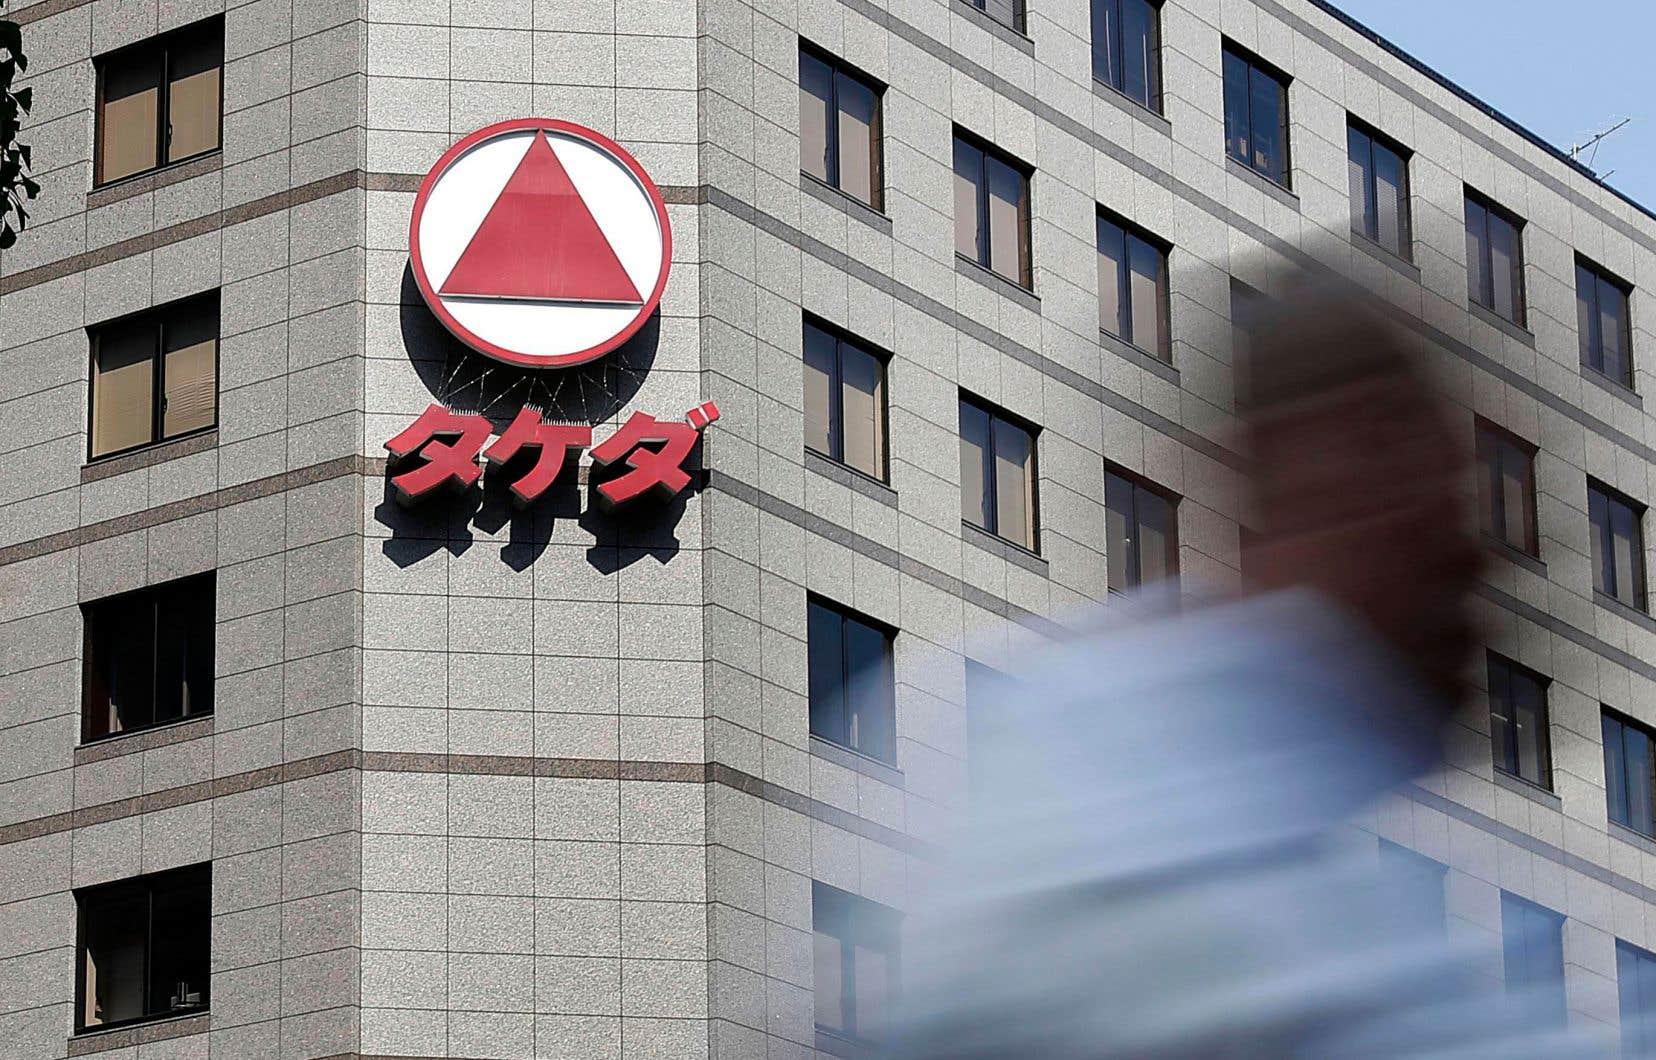 Le siège social de Takeda, à Tokyo. L'entreprise, comme plusieurs autres au Japon, cherche à prendre de l'expansion à l'étranger, en réponse au ralentissement de la croissance nationale.